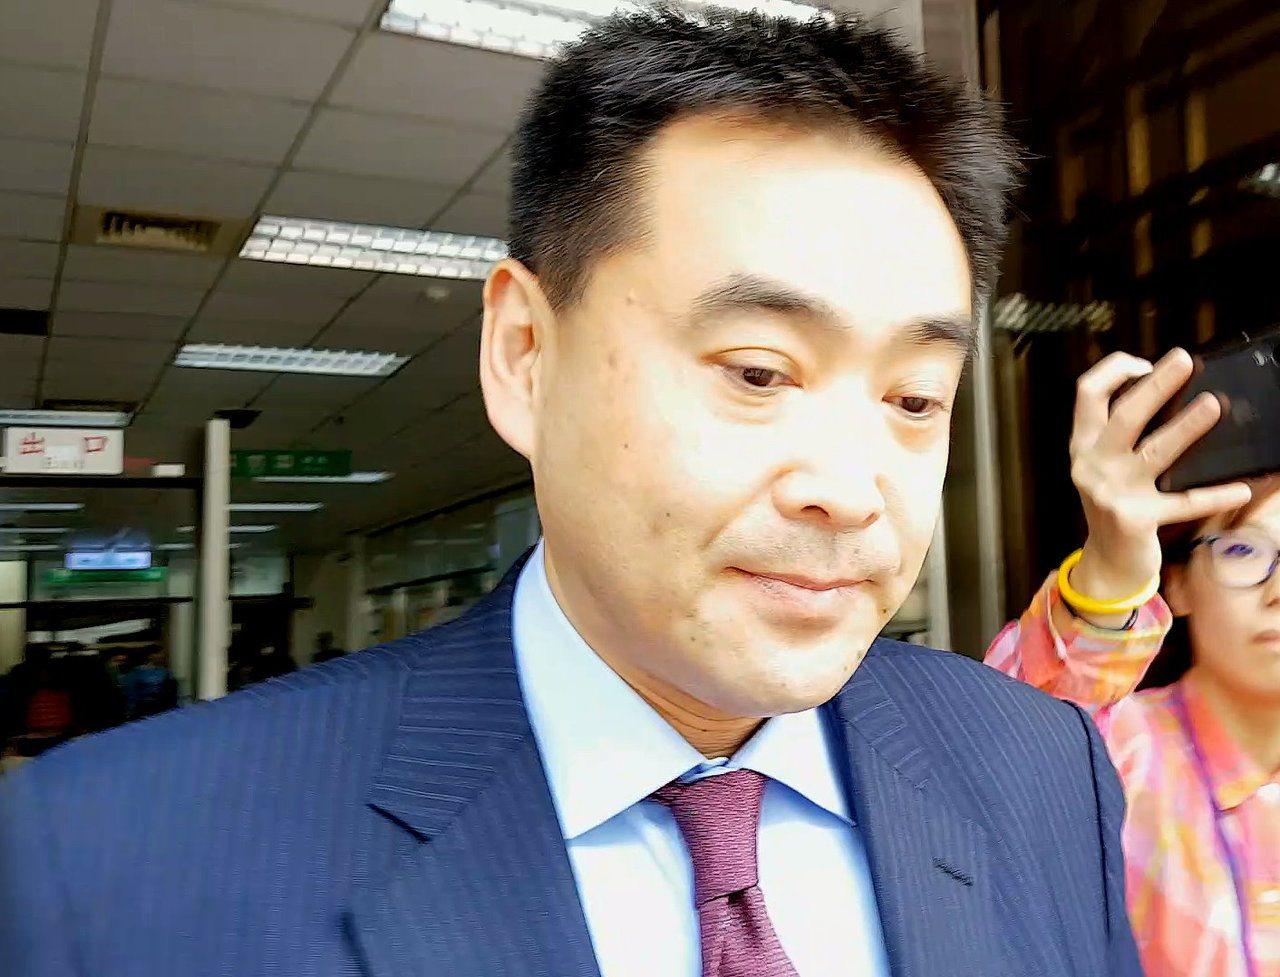 華南銀行副董事長林知延遭前妻控告妨害秘密,高院今辯論終結,他哽咽說,一開始是發覺...